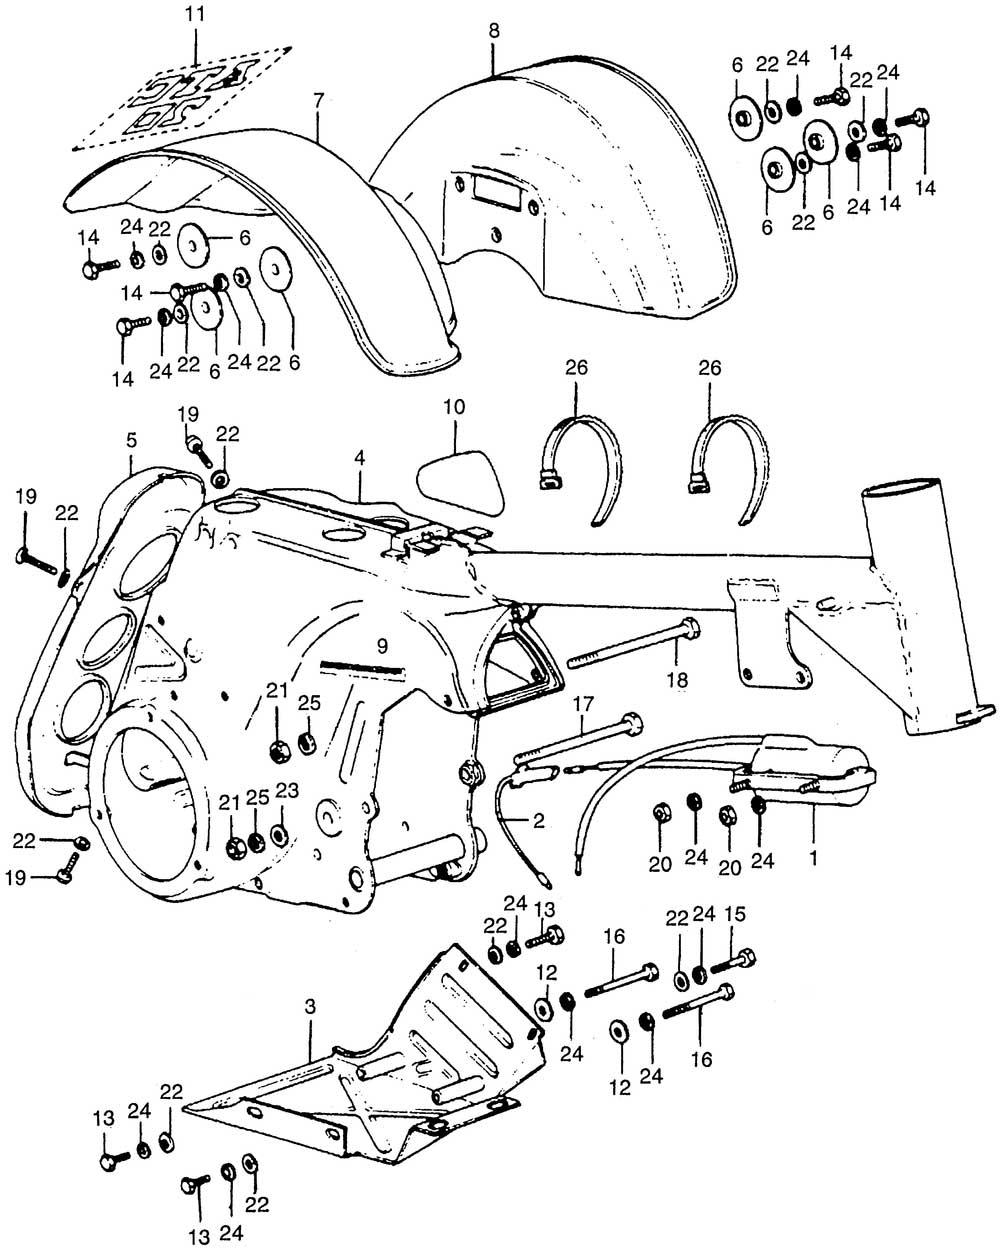 Frame, Rear Fender & Ignition